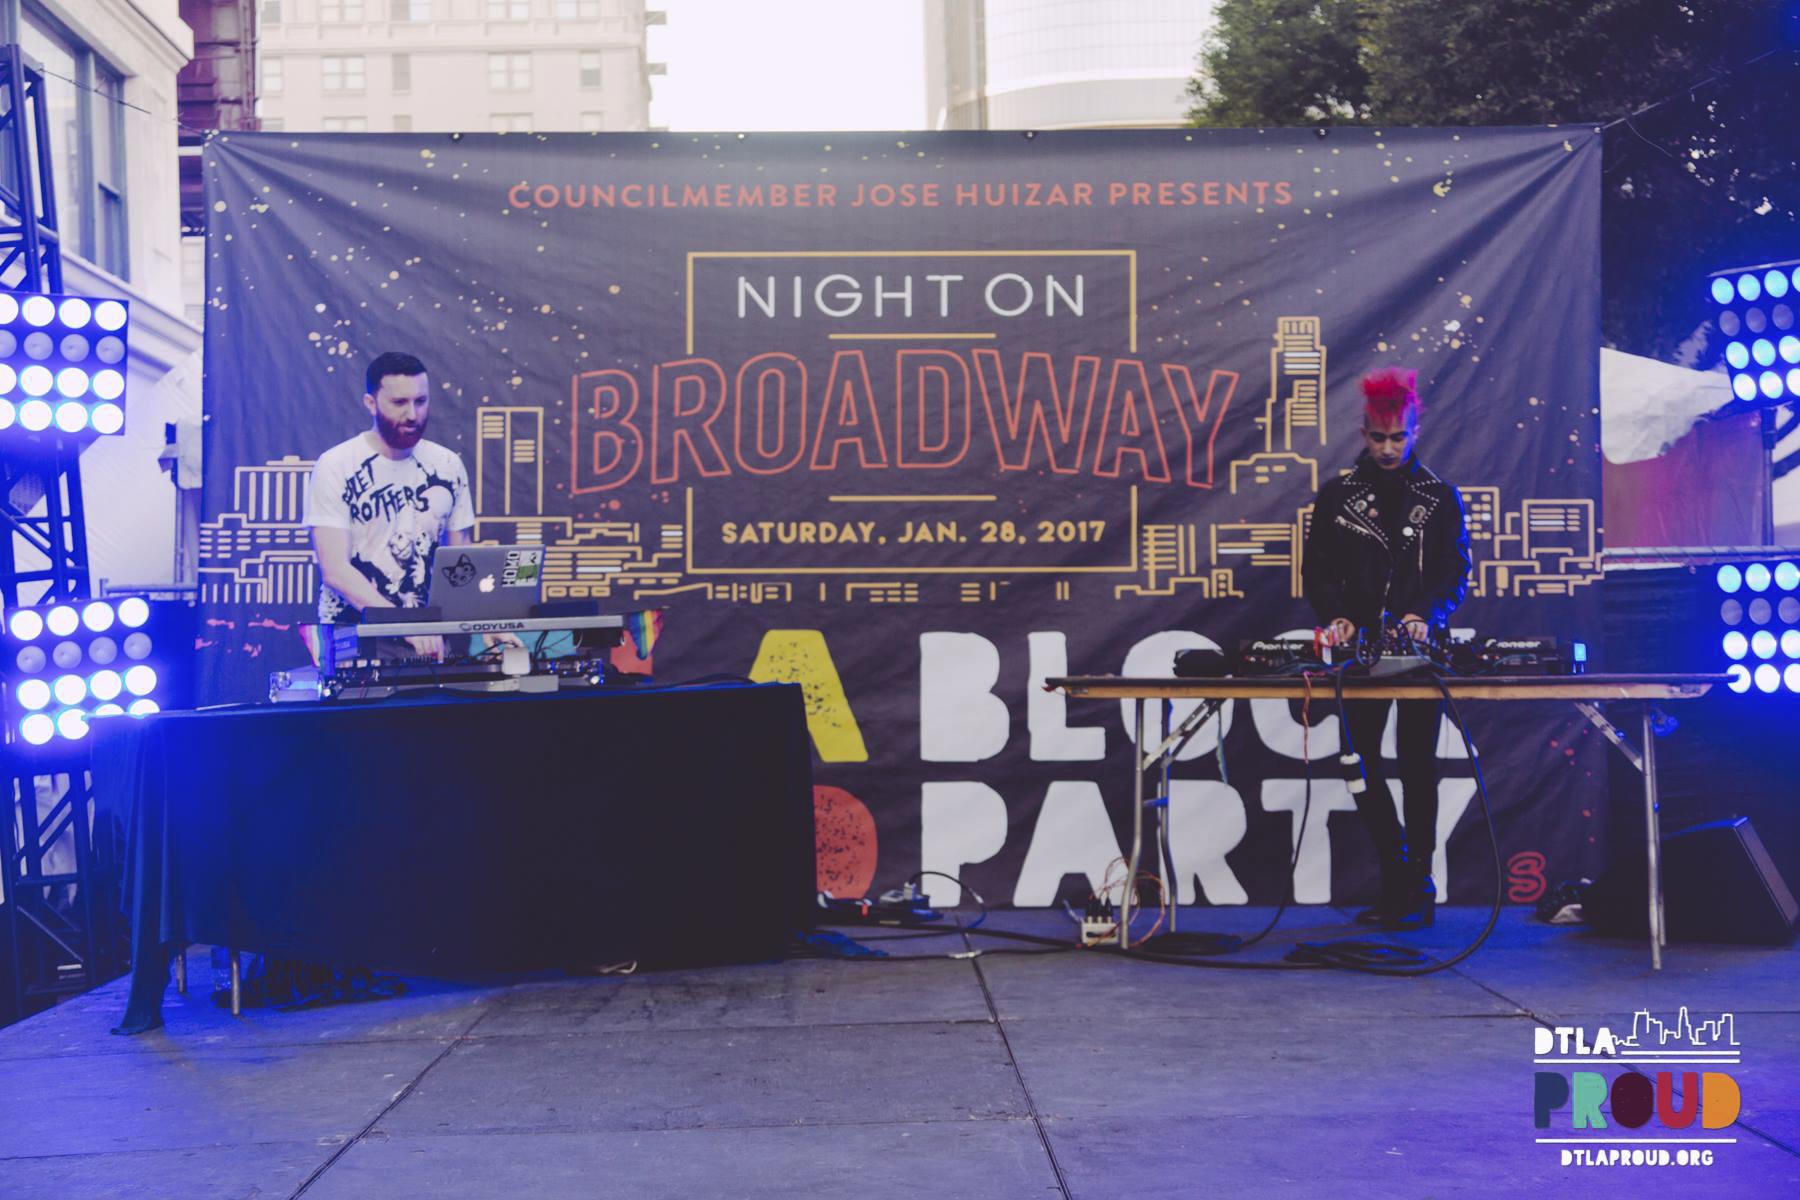 DTLA Block Party 2017